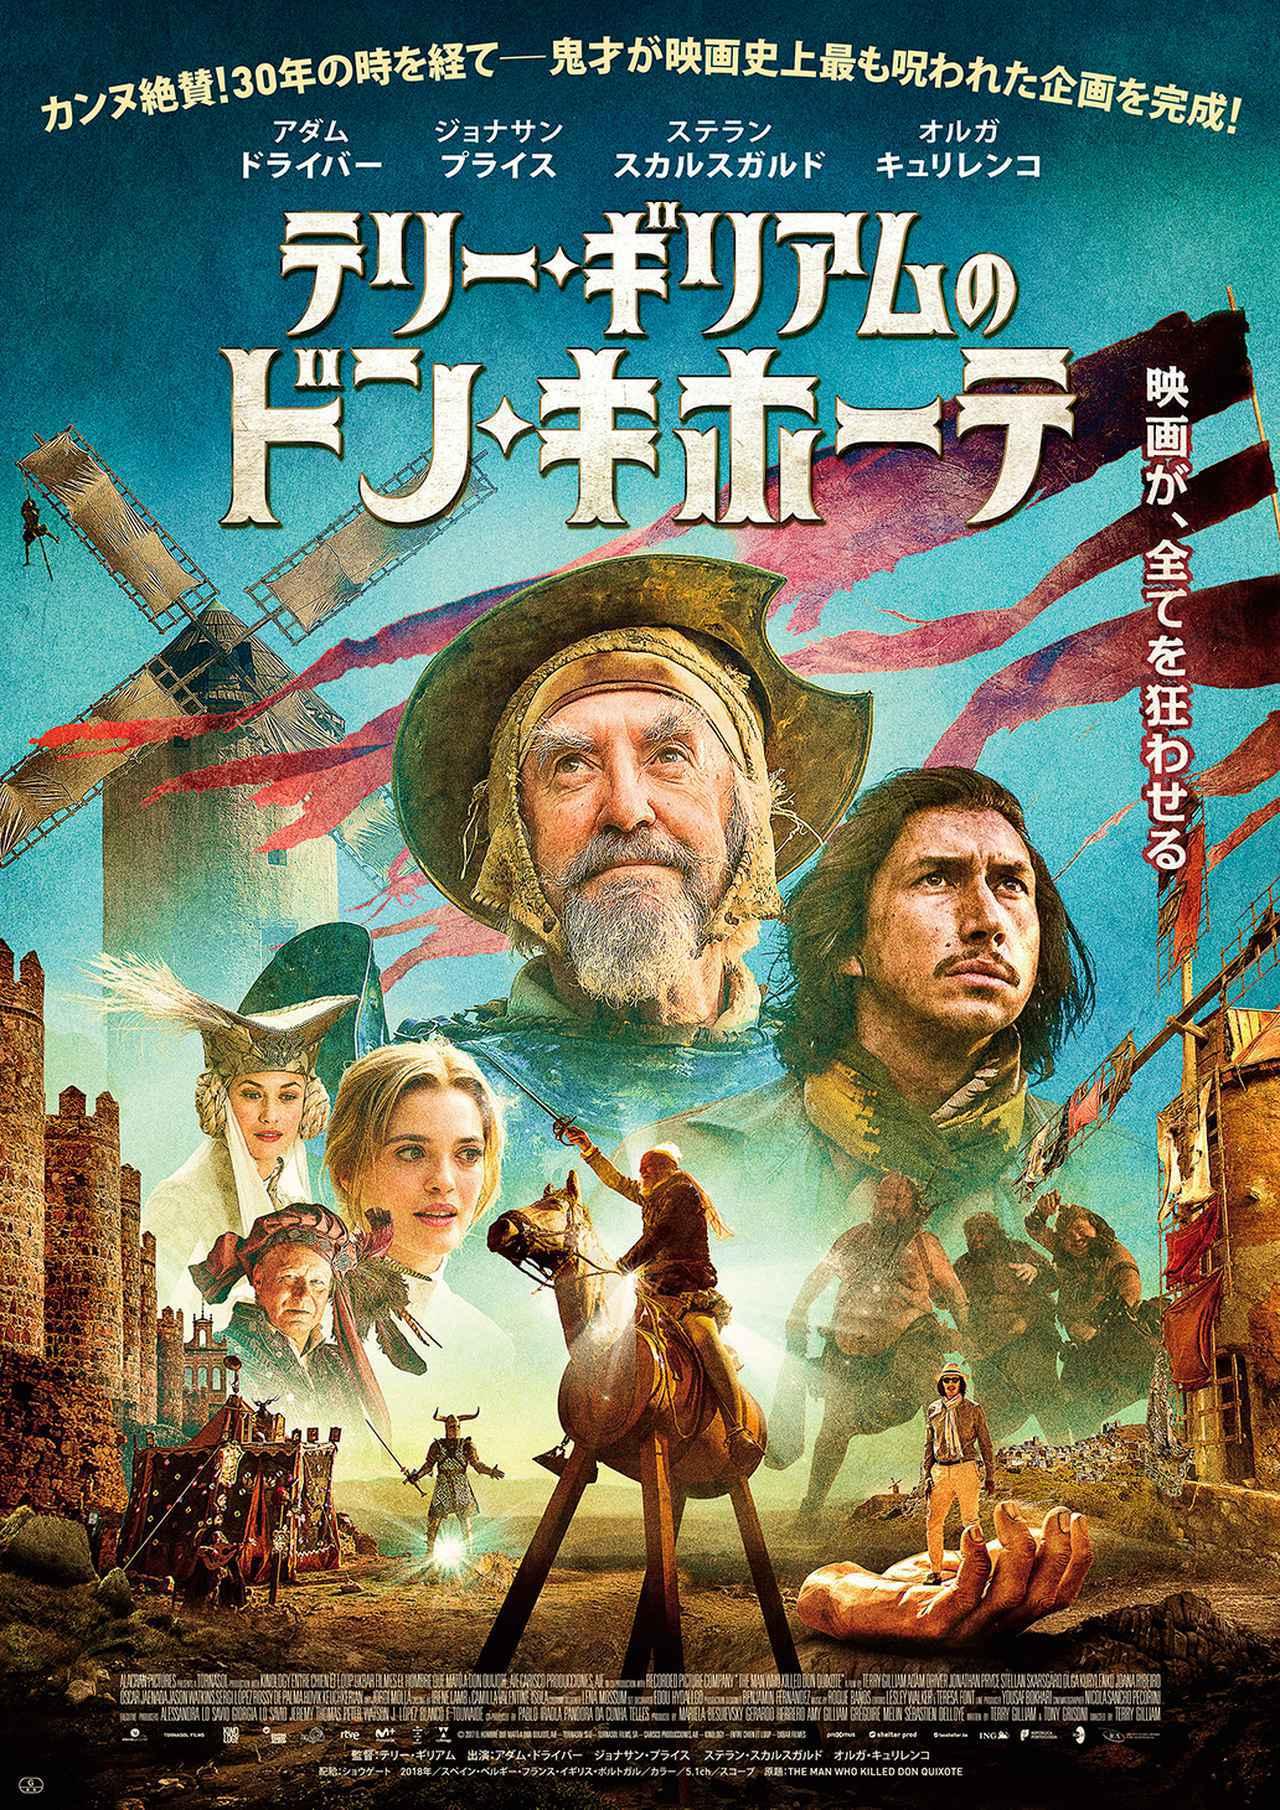 画像: © 2017 Tornasol Films, Carisco Producciones AIE, Kinology, Entre Chien et Loup, Ukbar Filmes, El Hombre Que Mató a Don Quijote A.I.E., Tornasol SLU